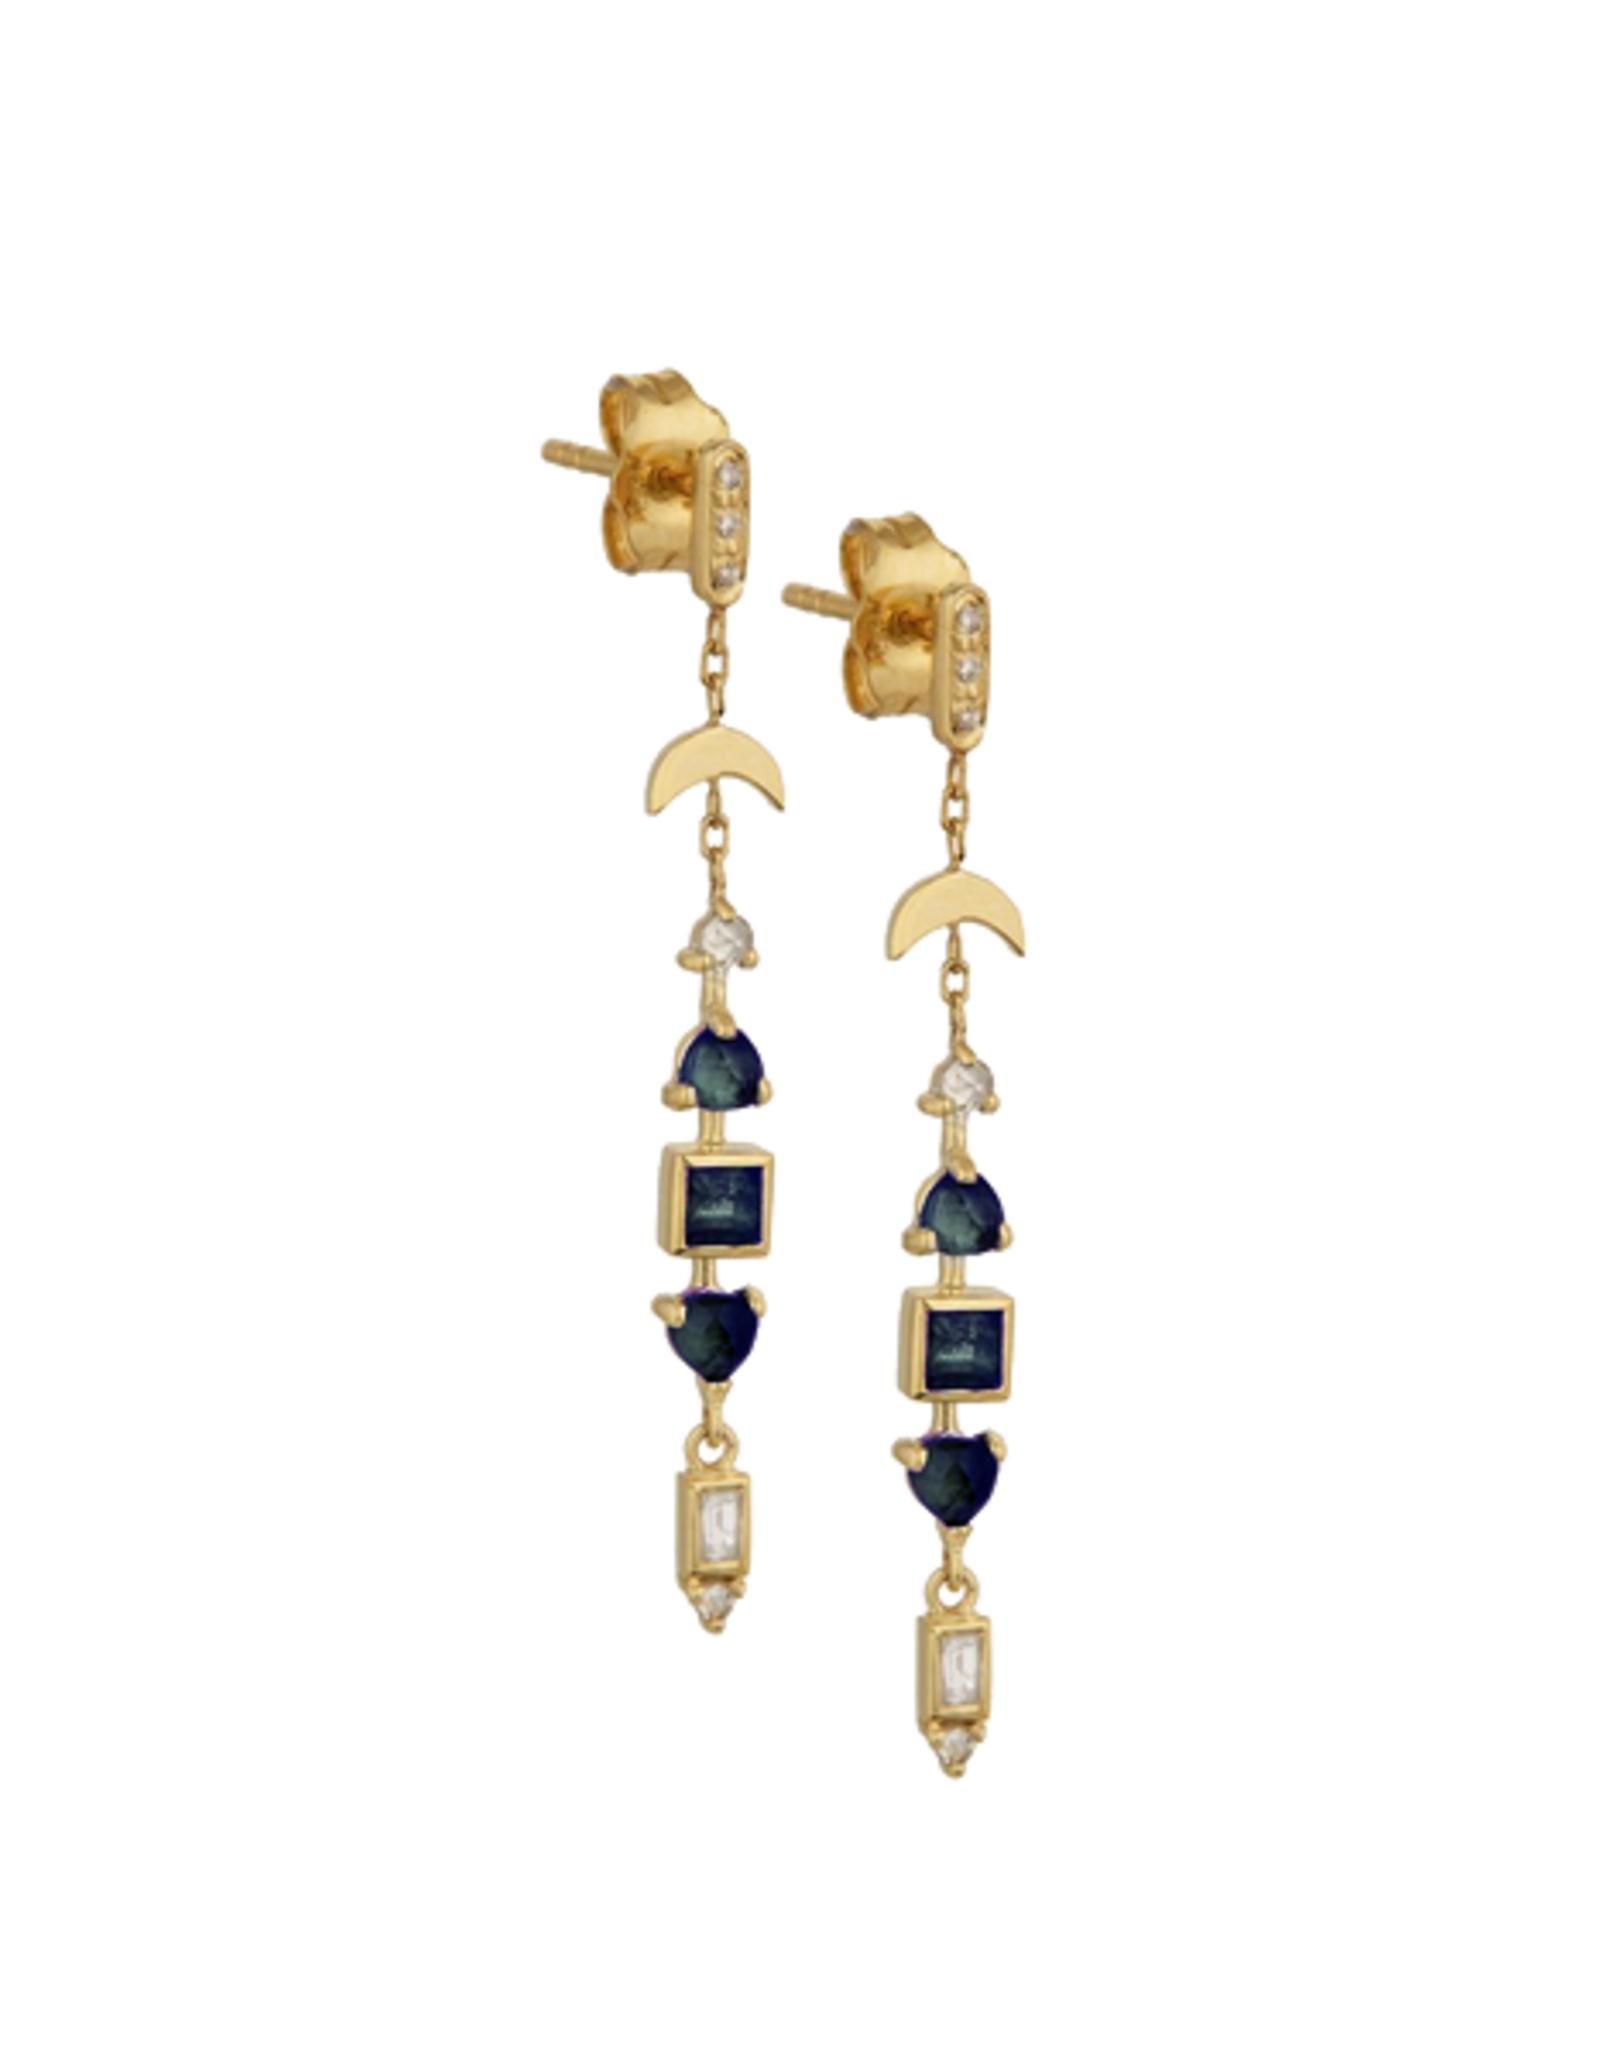 Celine Daoust Totem Earrings - Blue Green Tourmalines + Diamonds